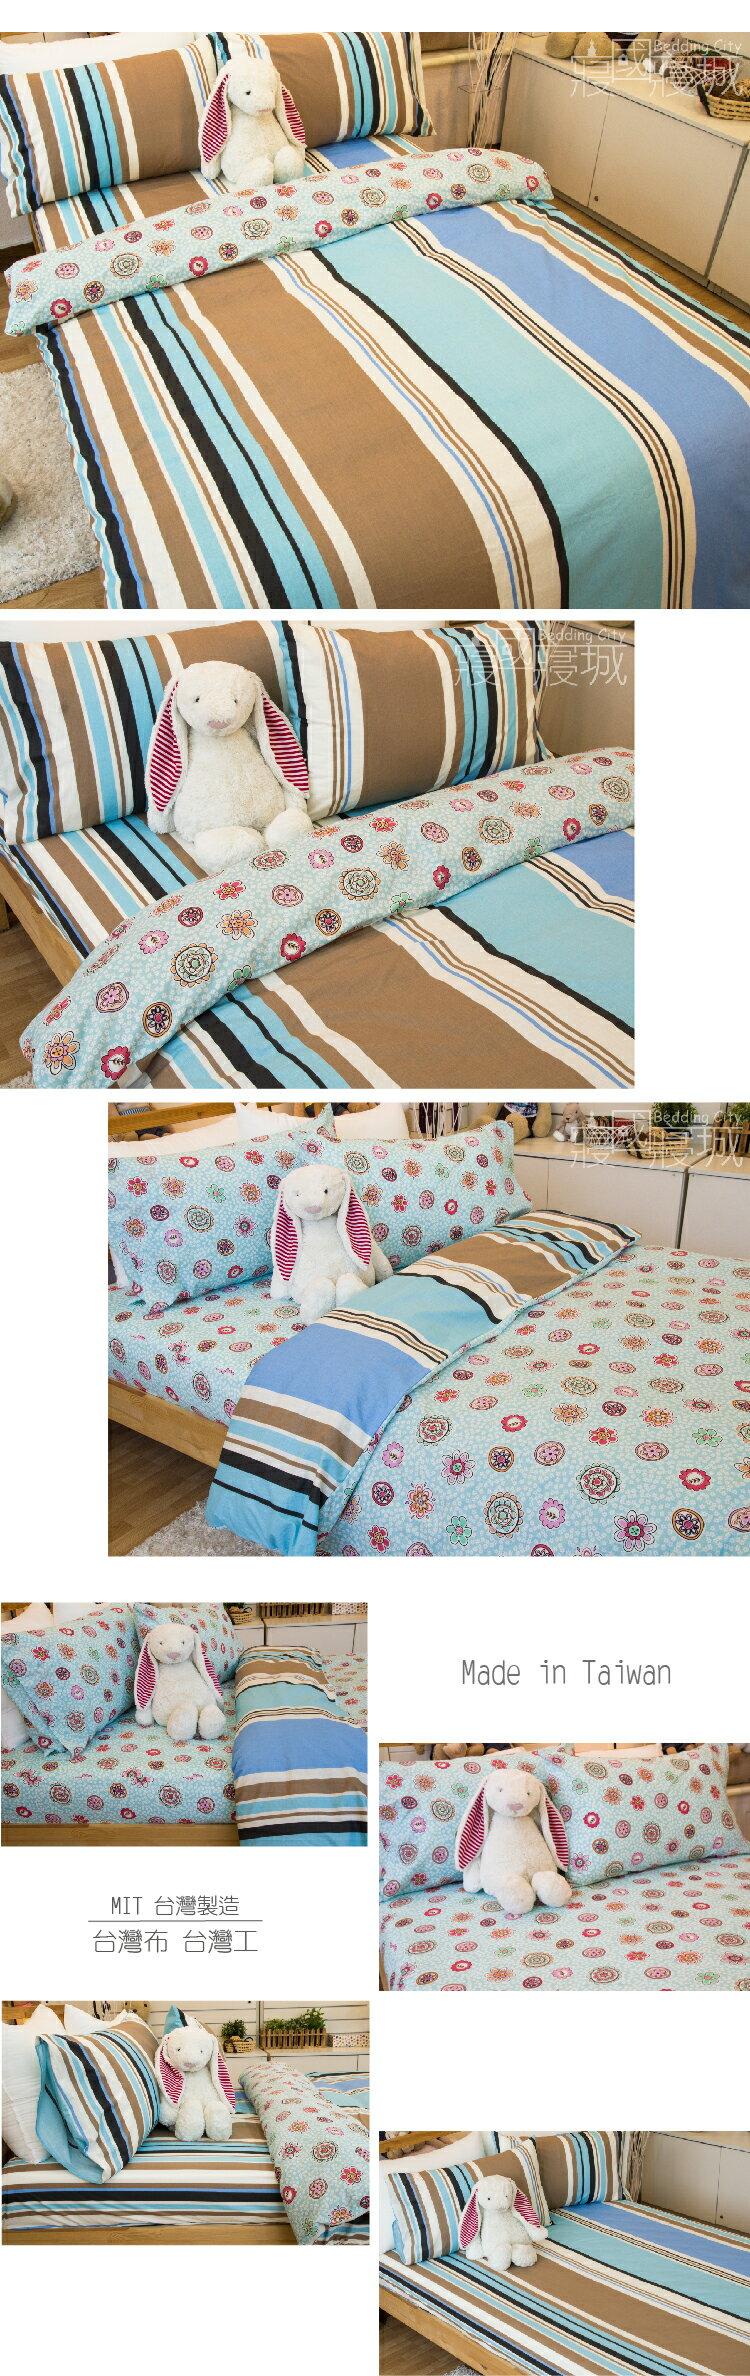 100%精梳棉-單人床包被套三件組 花樣朵朵【大鐘印染、台灣製造】#精梳純綿 2